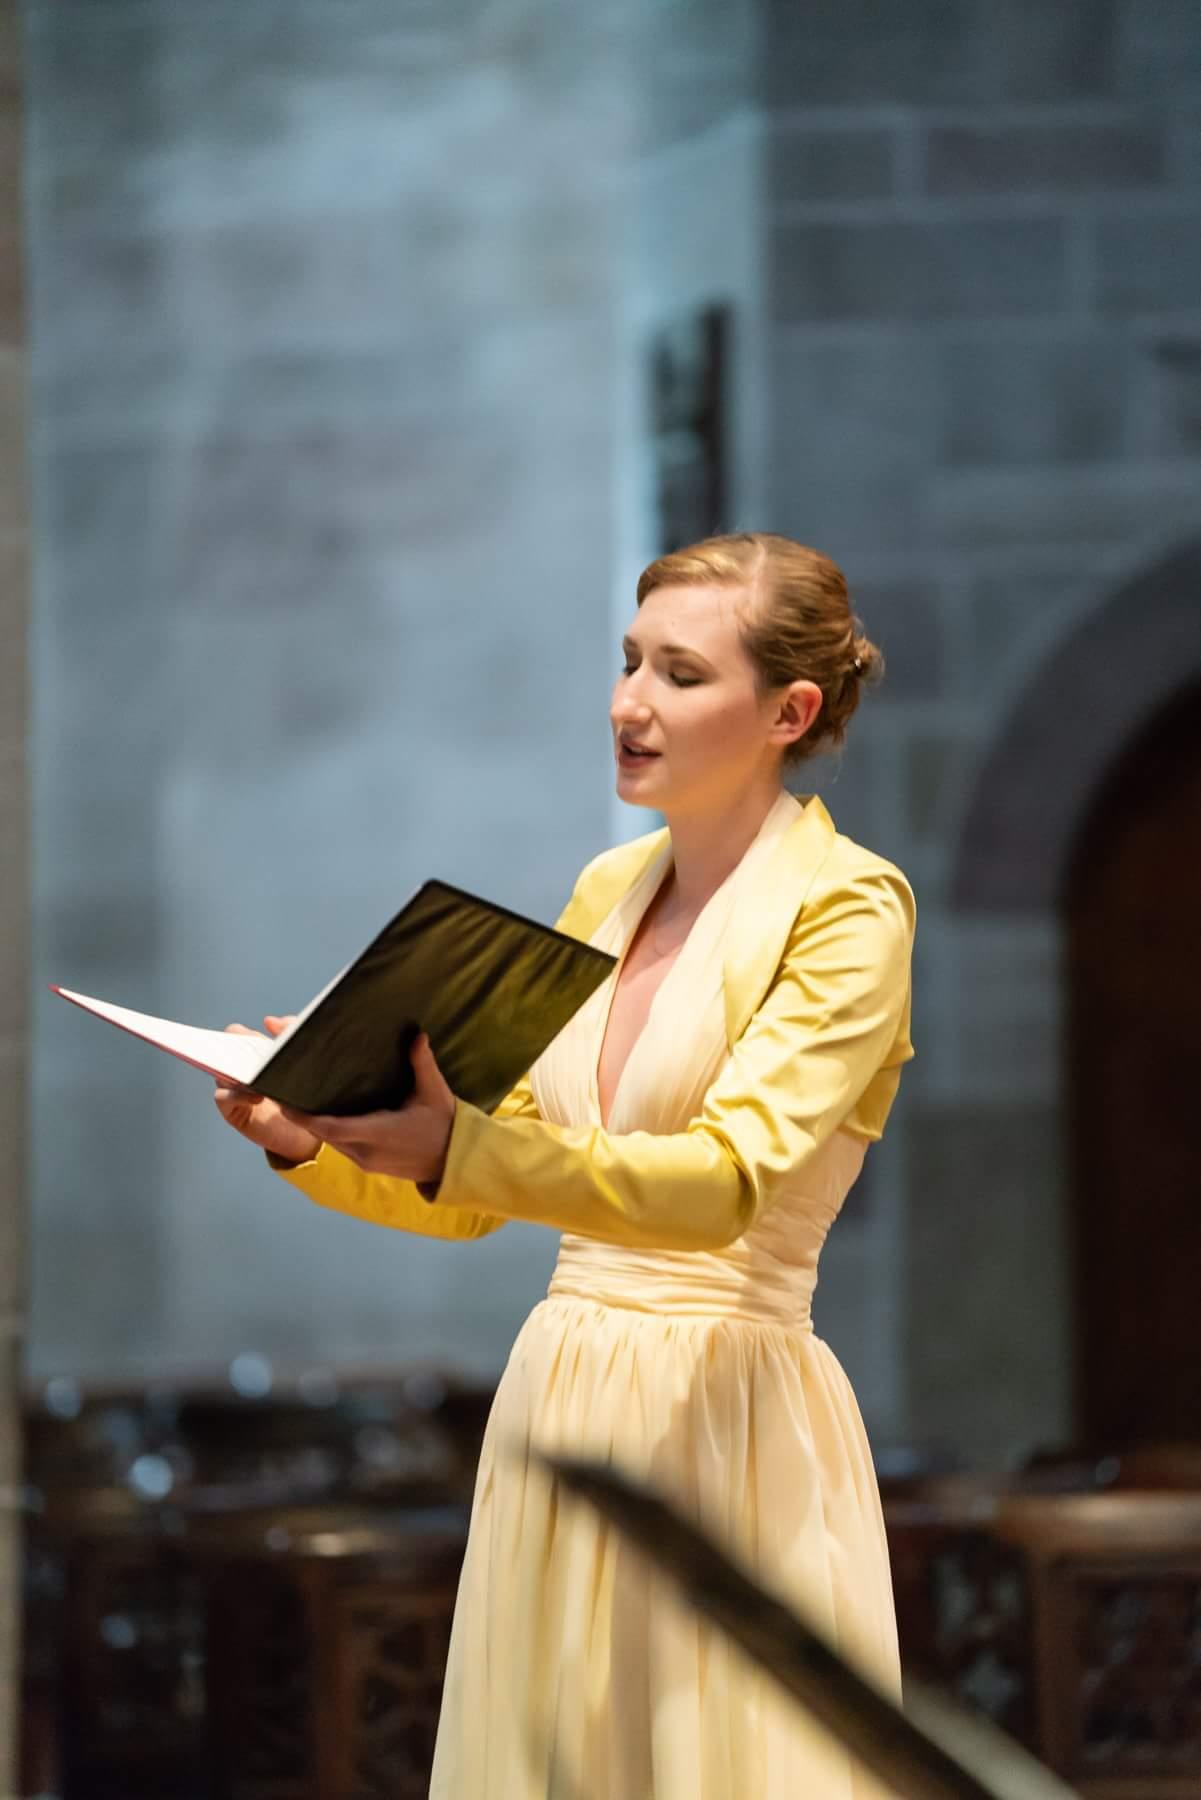 """J. S. Bach - """"Tönet ihr Pauken, erschallet Trompeten - Ensemble Musica Fiorita - Münster Basel - © Susanna Drescher"""